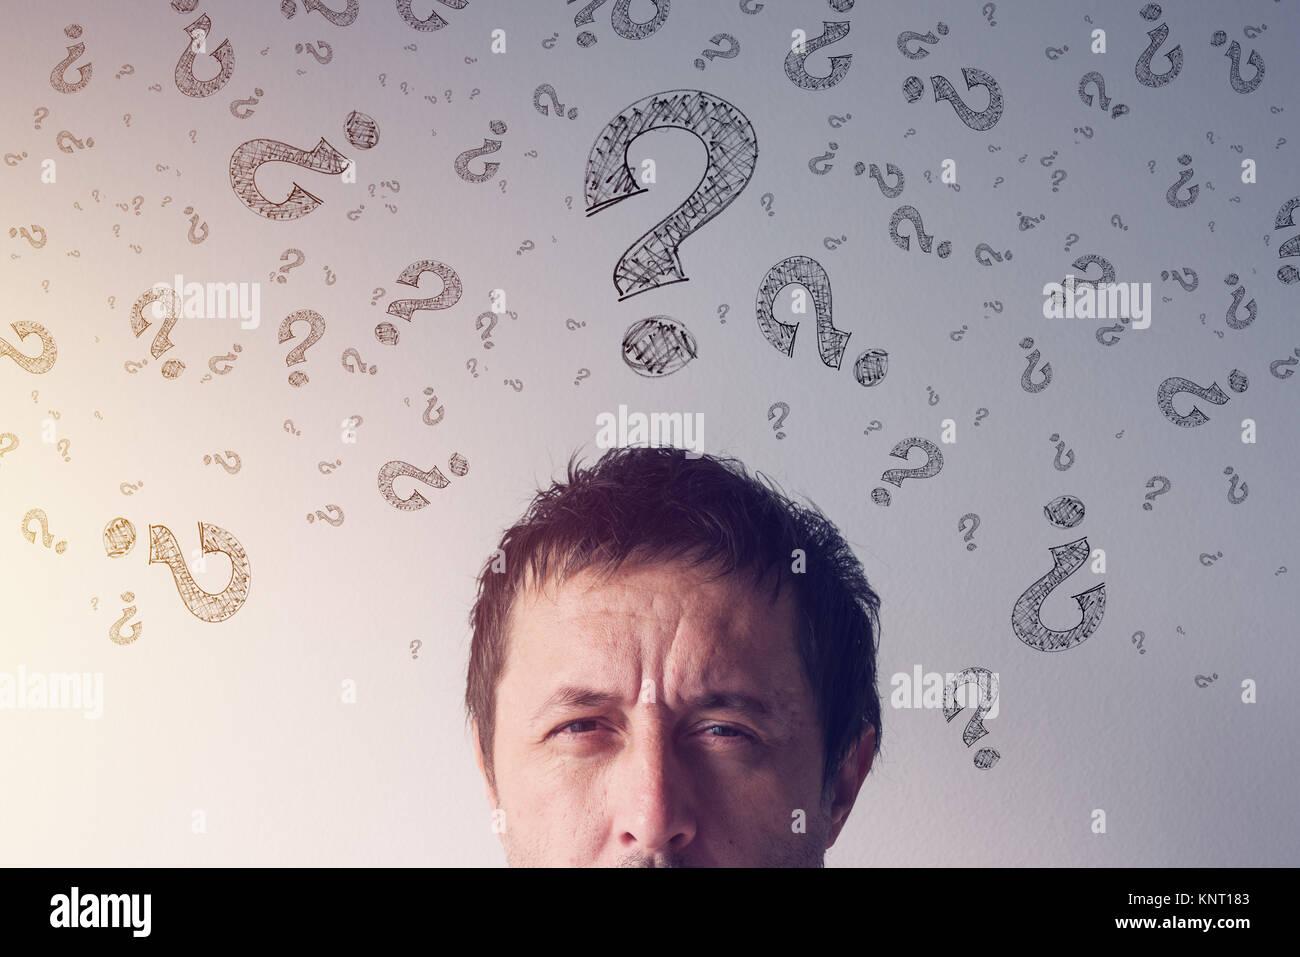 Punto interrogativo, cercando risposte. Perplesso uomo con scarabocchiati interrogatorio di simboli punto intorno Immagini Stock